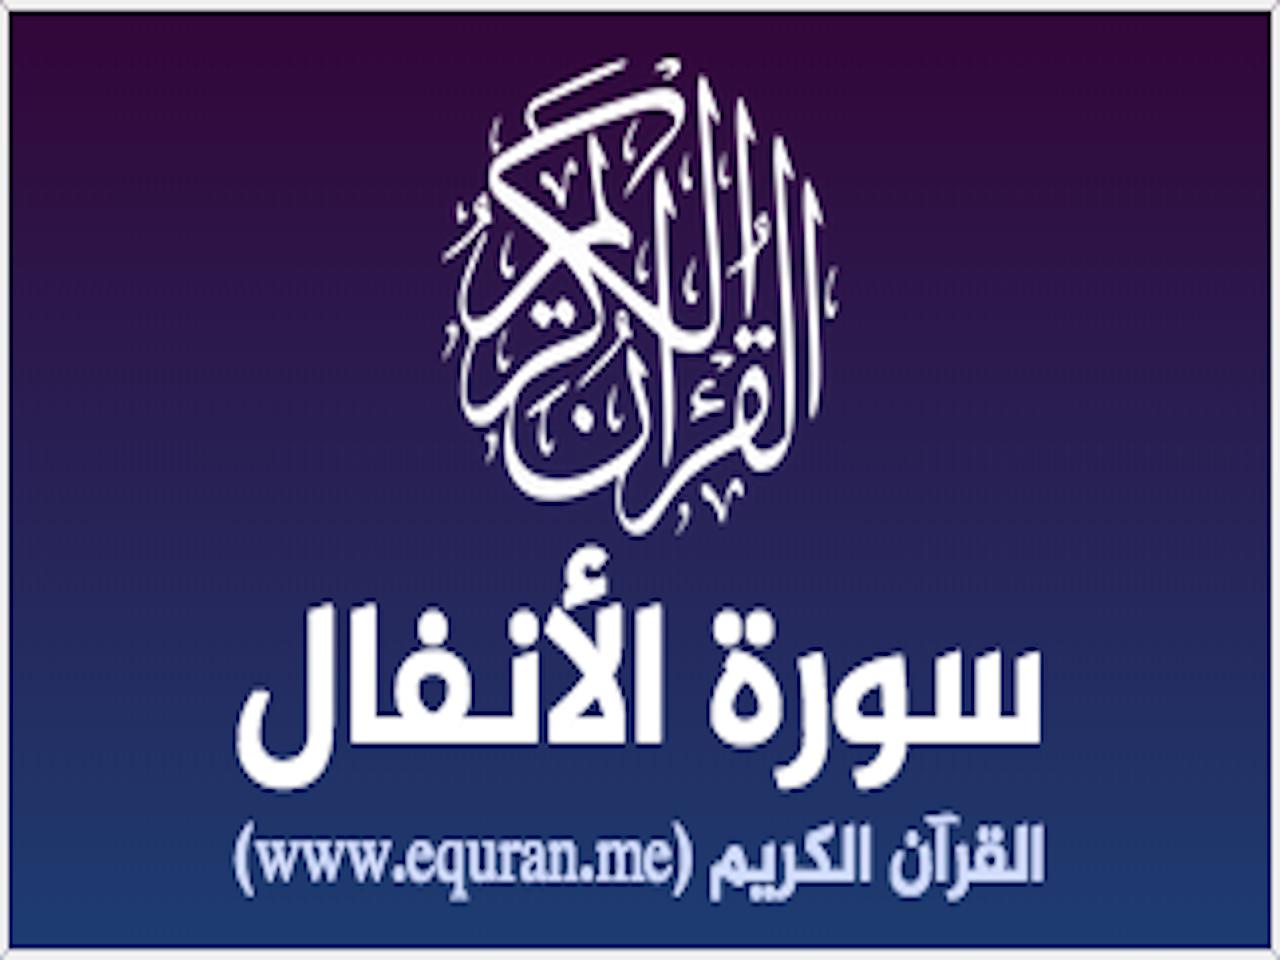 8 Alanfaal معلومات حول سورة